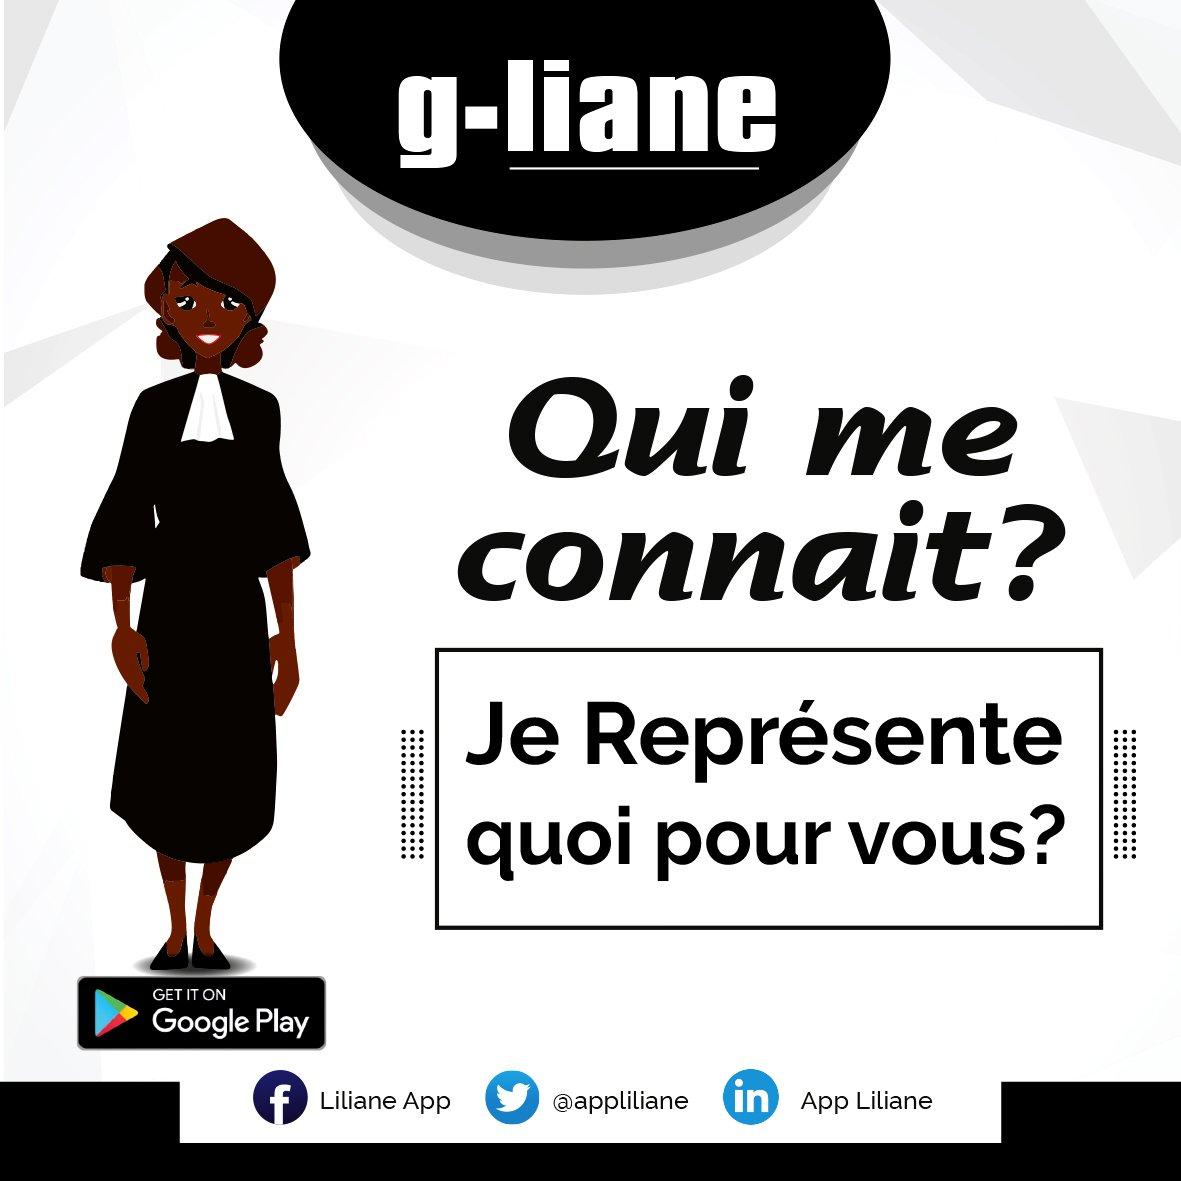 #Gliane est de retour pour faire un nouvel heureux génial !  Dites ce que vous savez de #Liliane et repartez avec un #lot! https://t.co/tCEfuZekkN